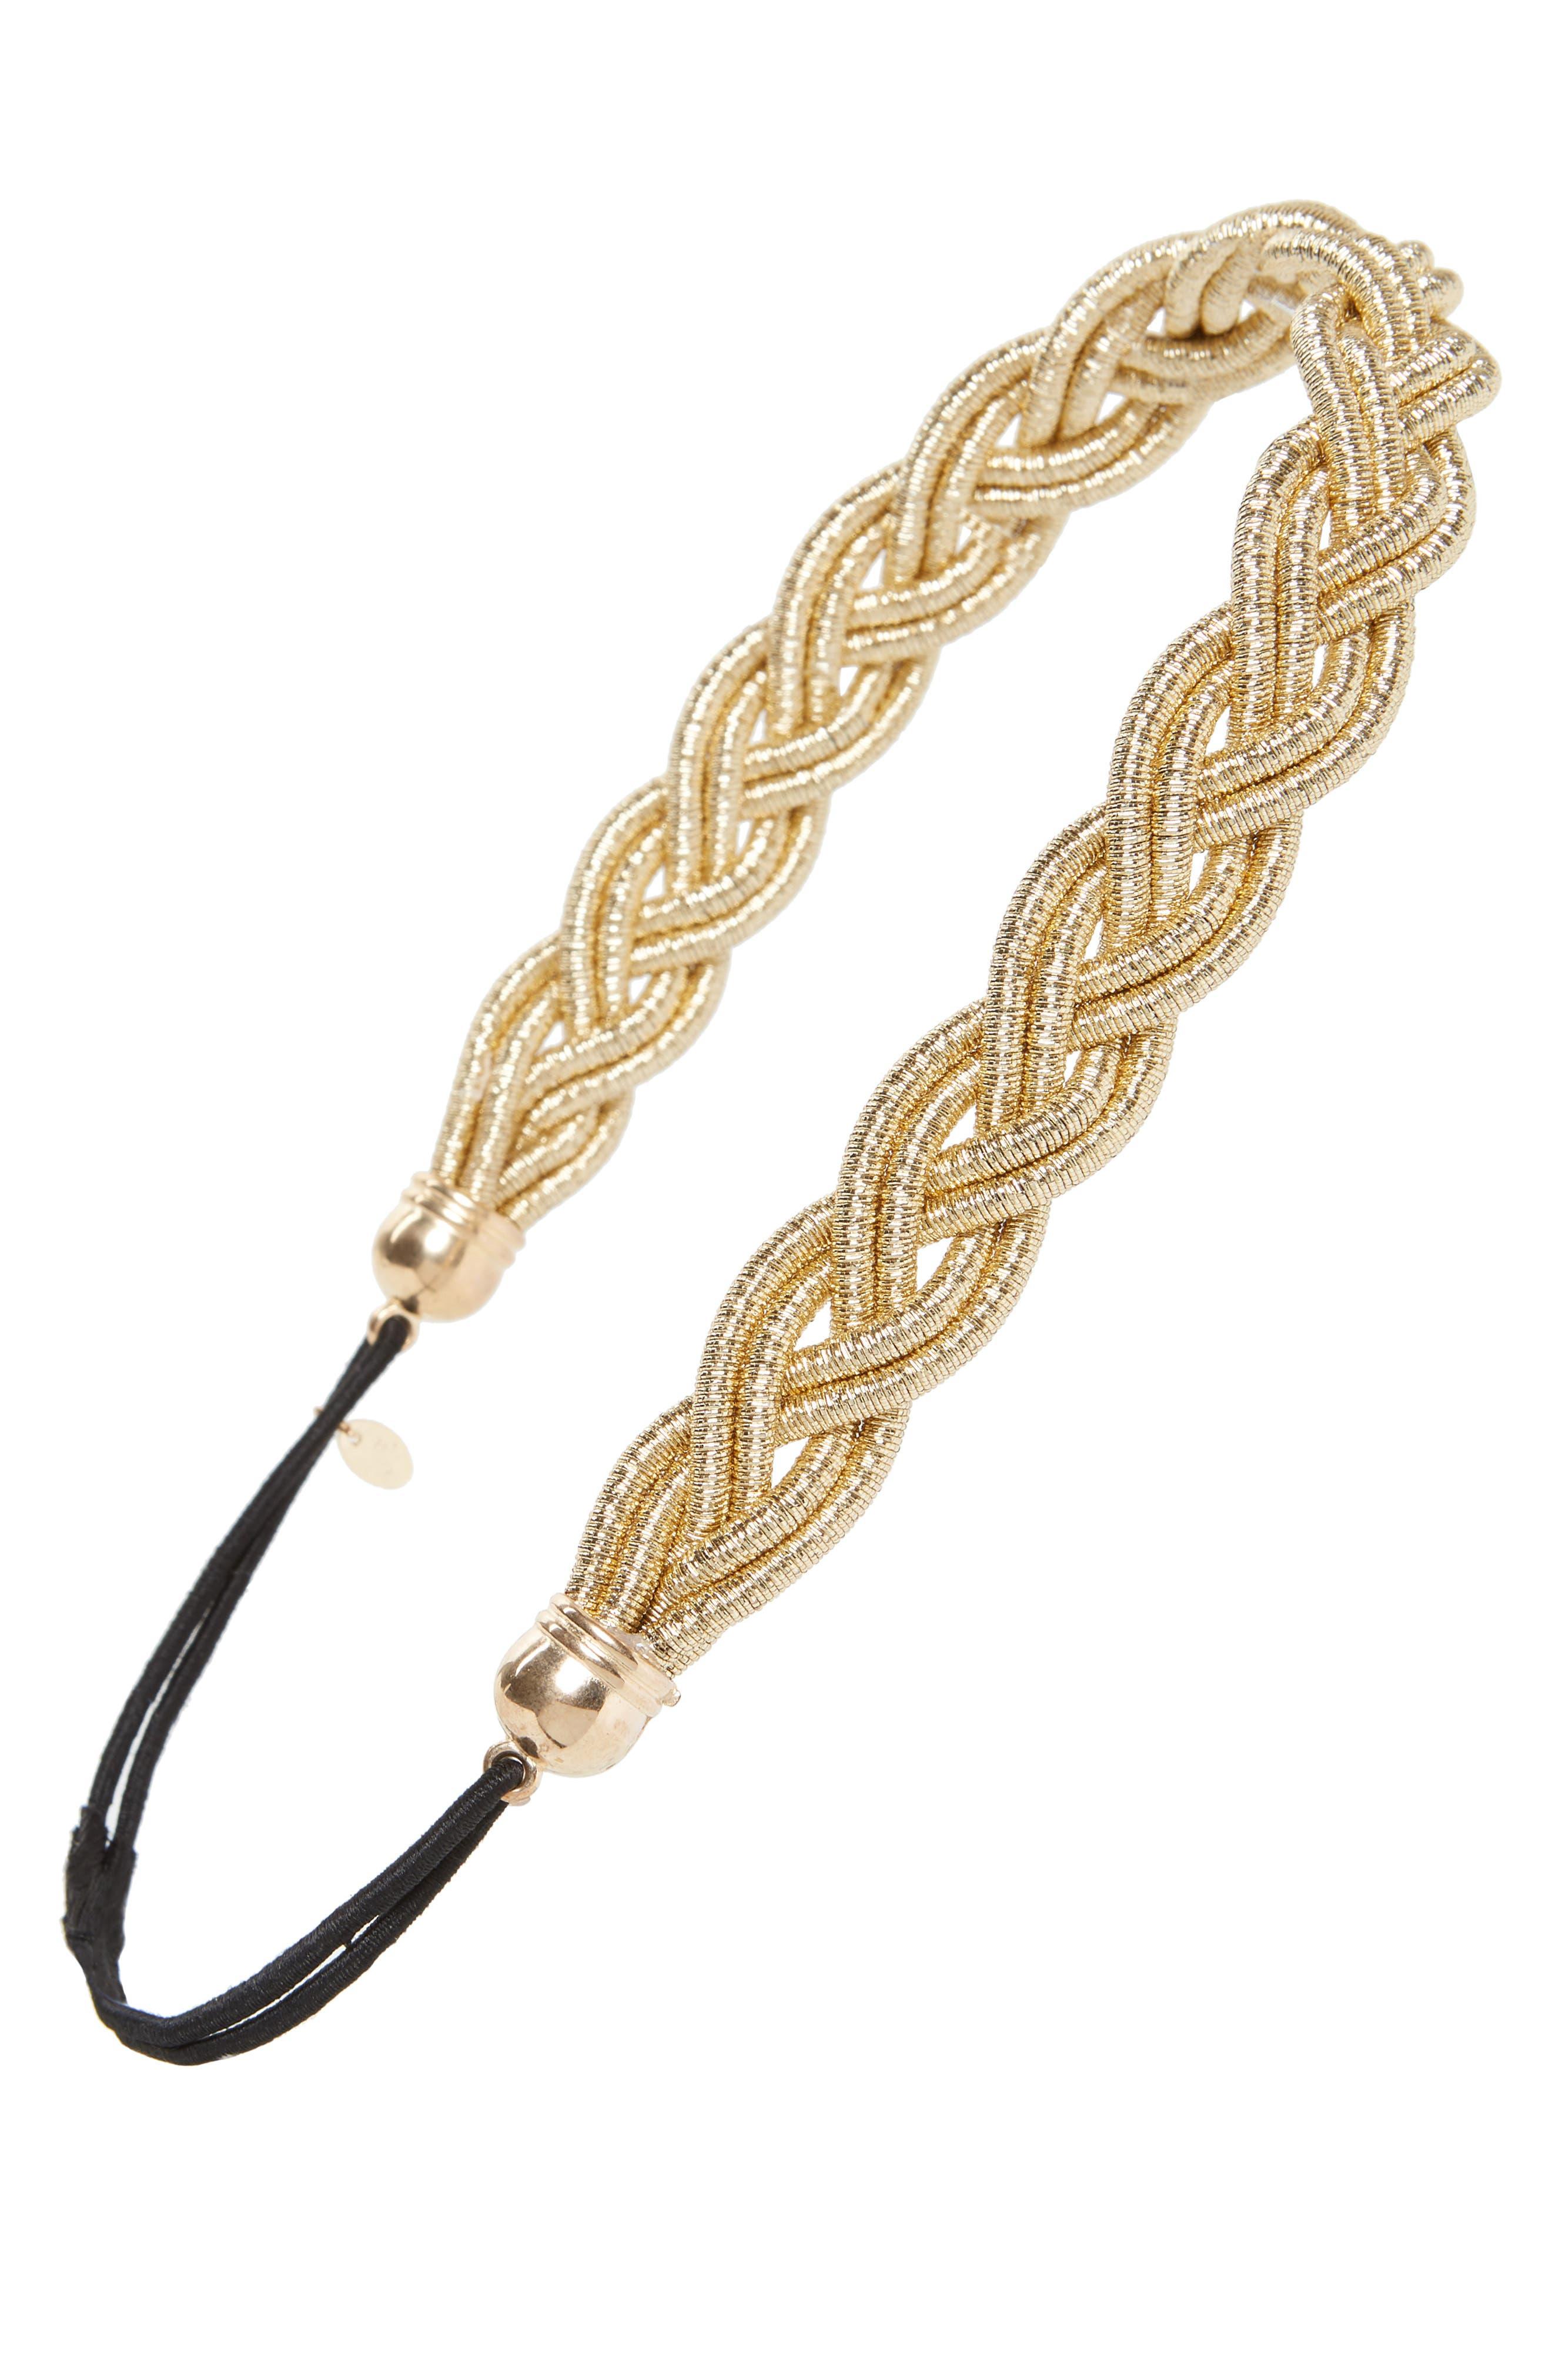 Metallic Braided Head Wrap,                             Main thumbnail 1, color,                             Gold